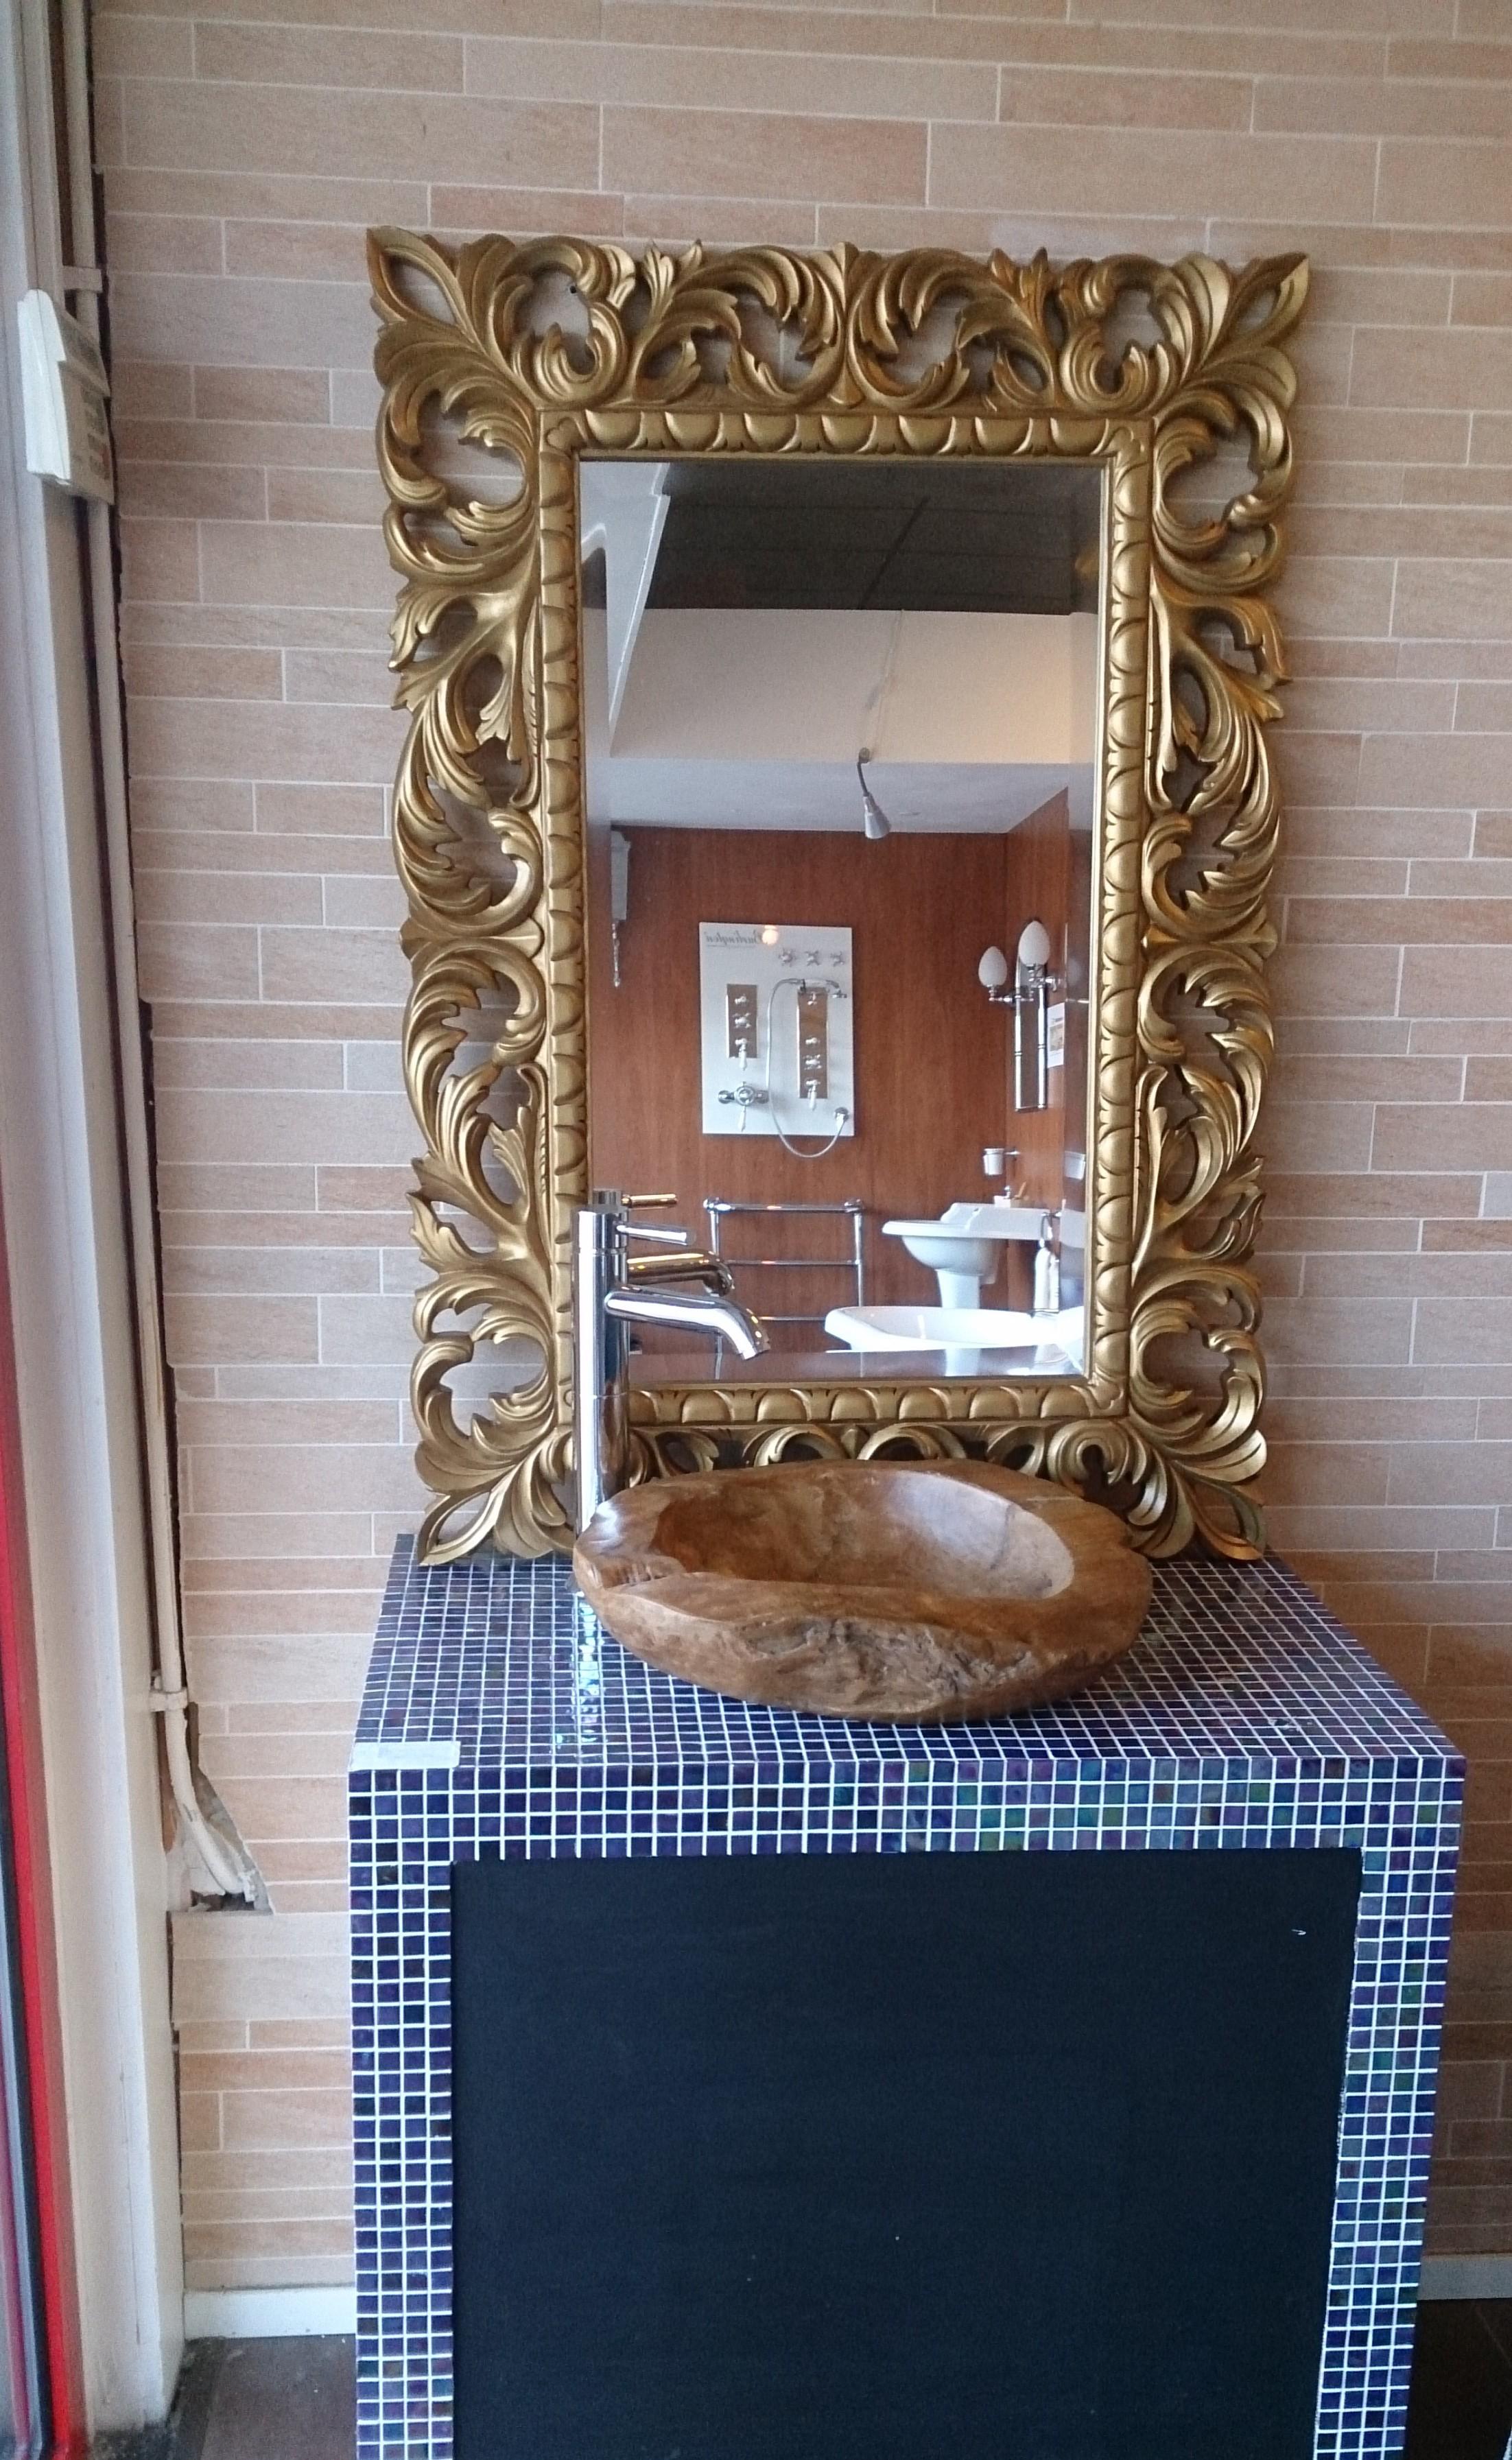 spiegel barok badkamermeubel-arredo, collin arredo wastafelkom in teak-hout, handgemaakt, op glasmozaïek van original-style in badkamershowroom badexclusief groningen, nederland. ook voor collin arredo maatwerkkasten en arredo-badmeubels